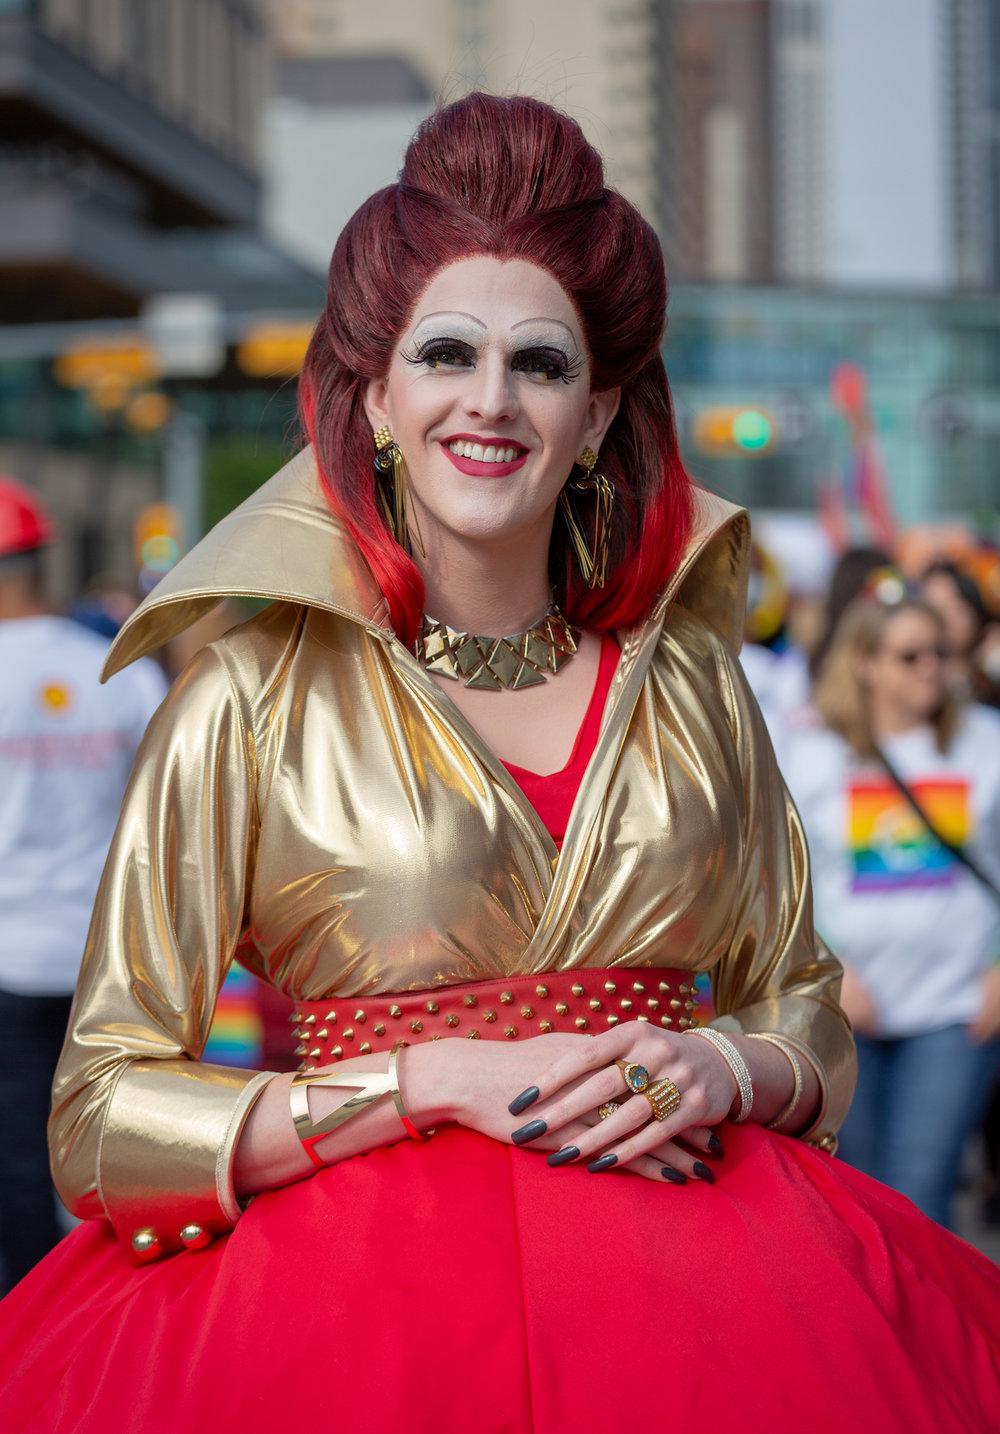 Woman Full red skirt1.jpg